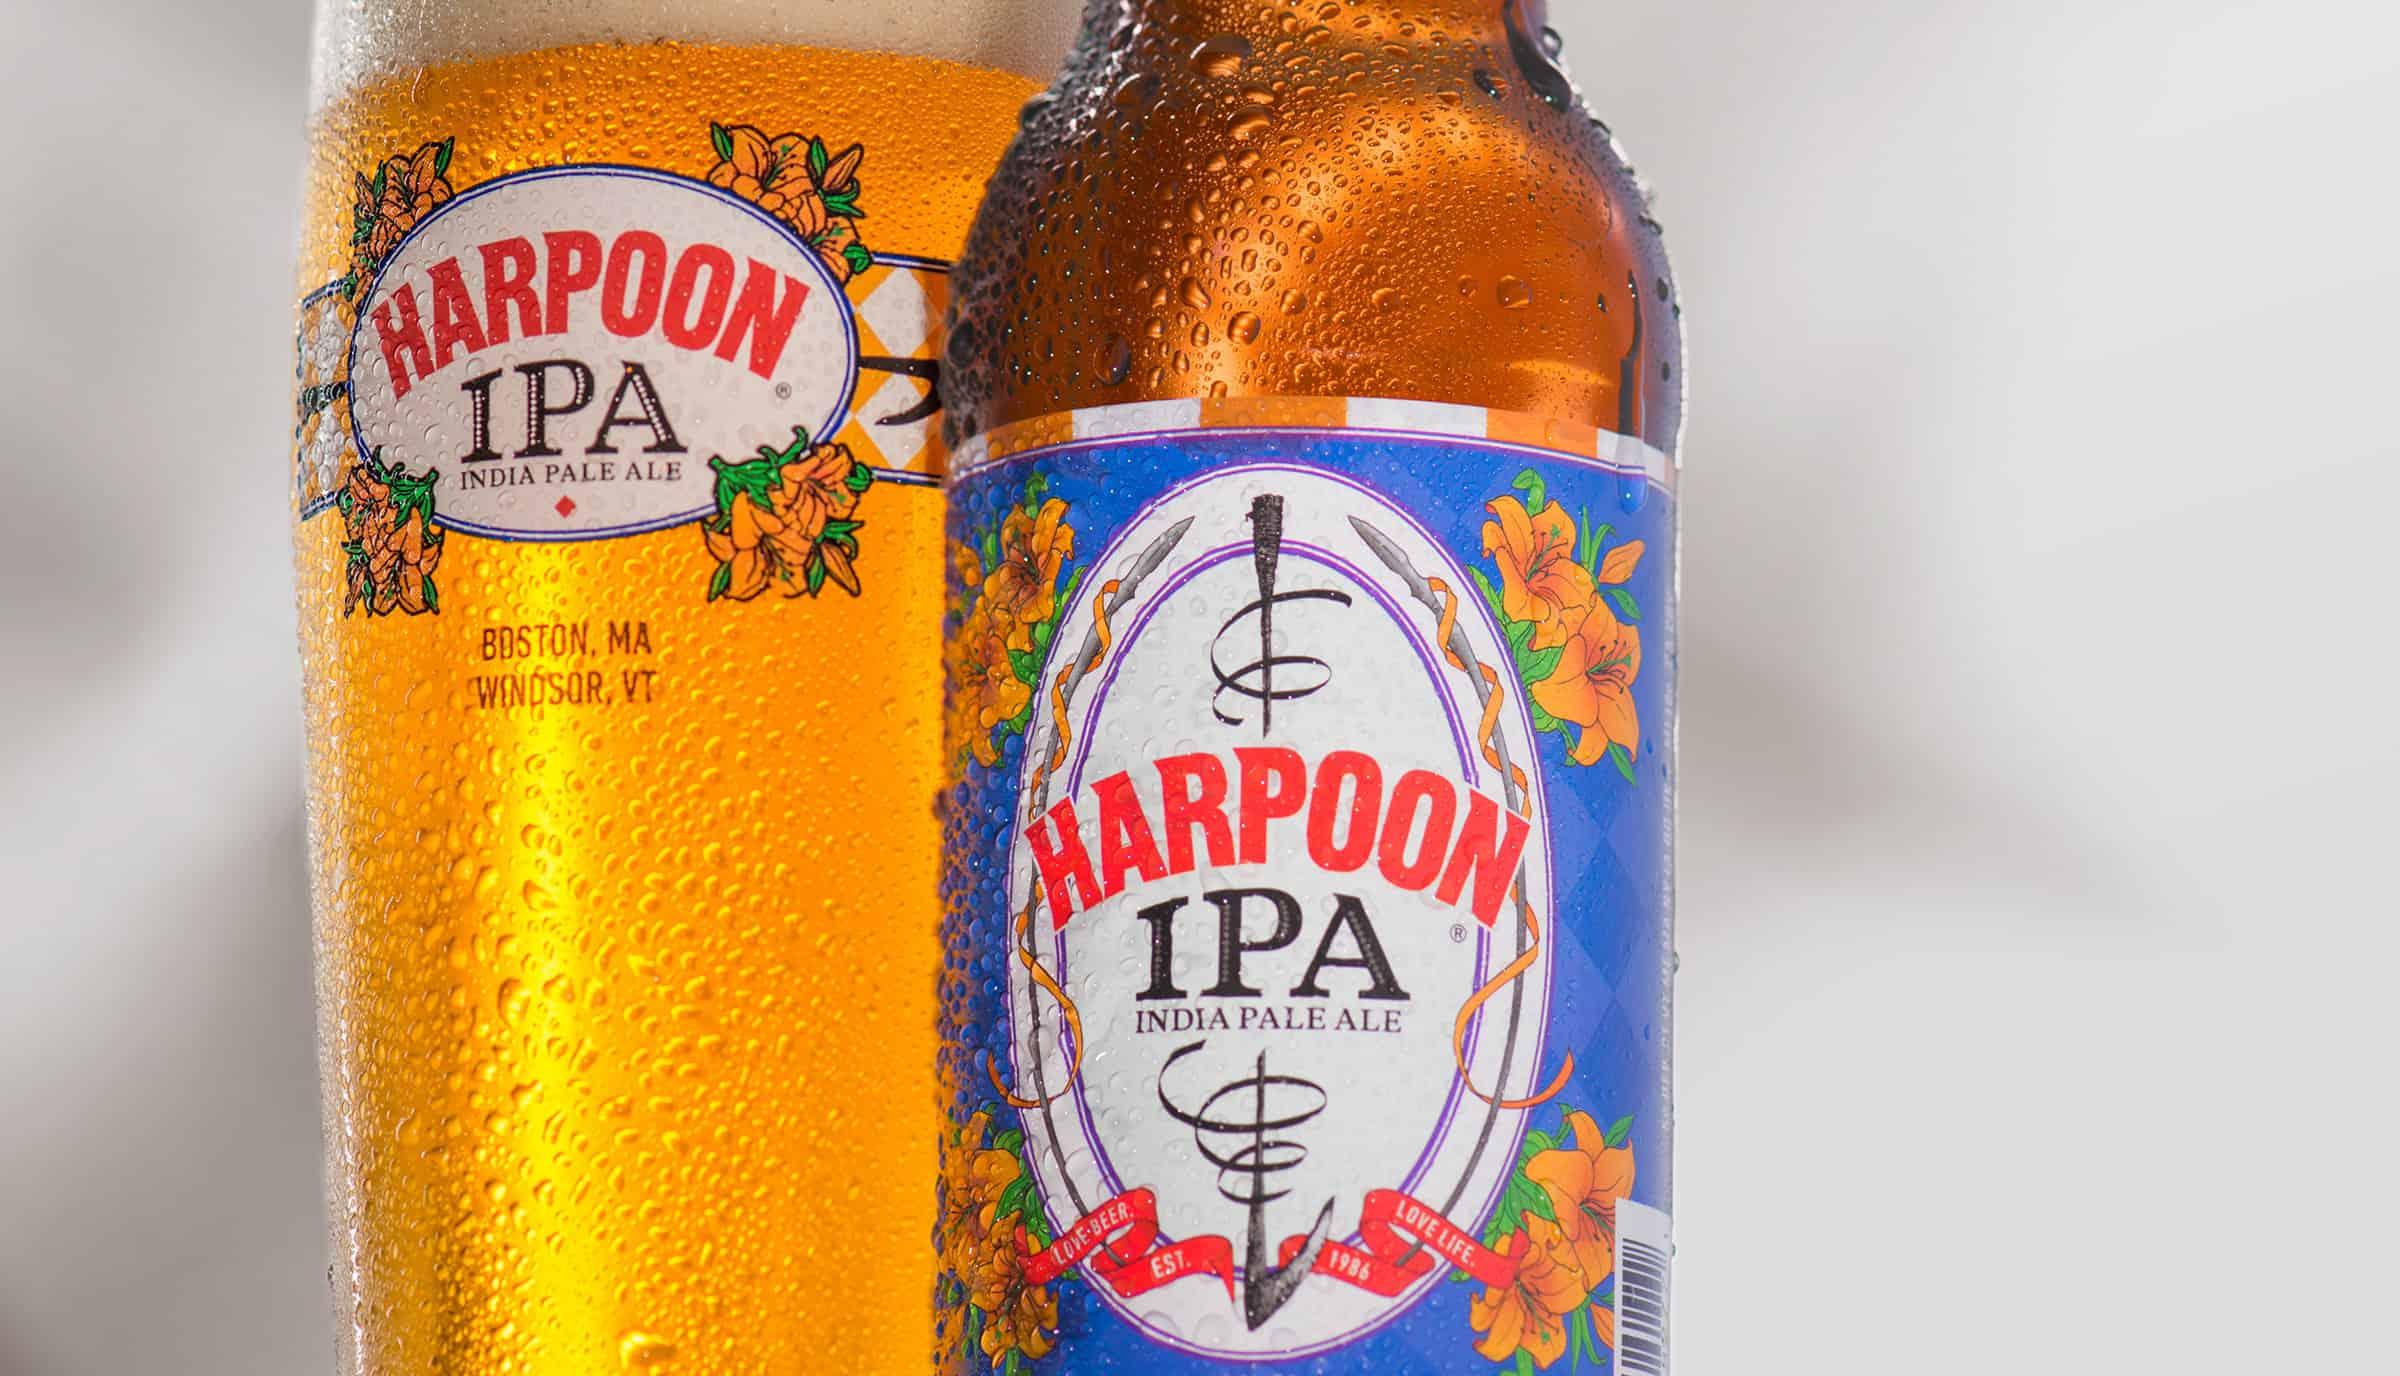 Harpoon IPA – shower beer